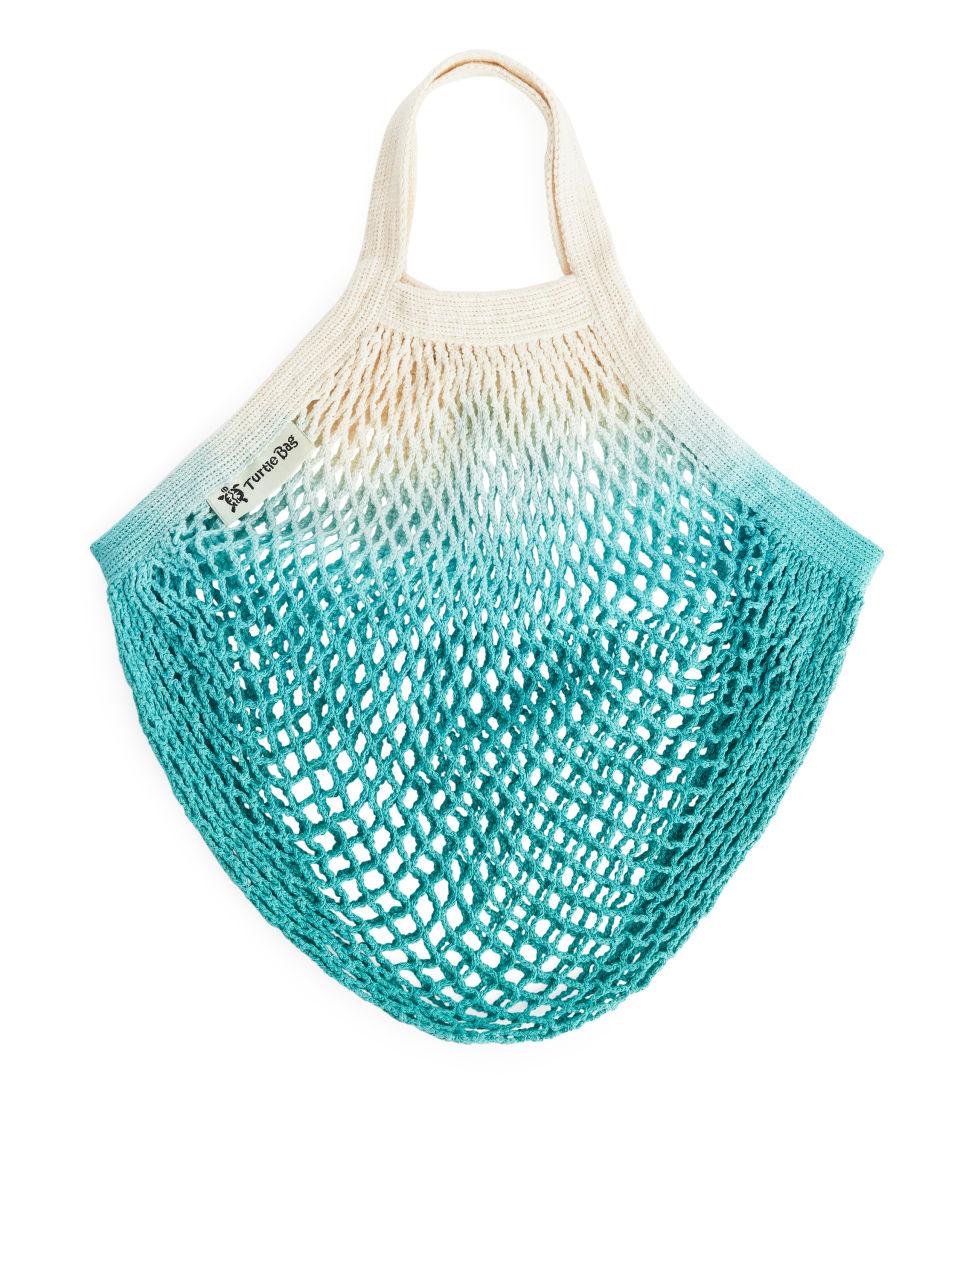 Turtle Bags Dip-Dye String Bag - Turquoise